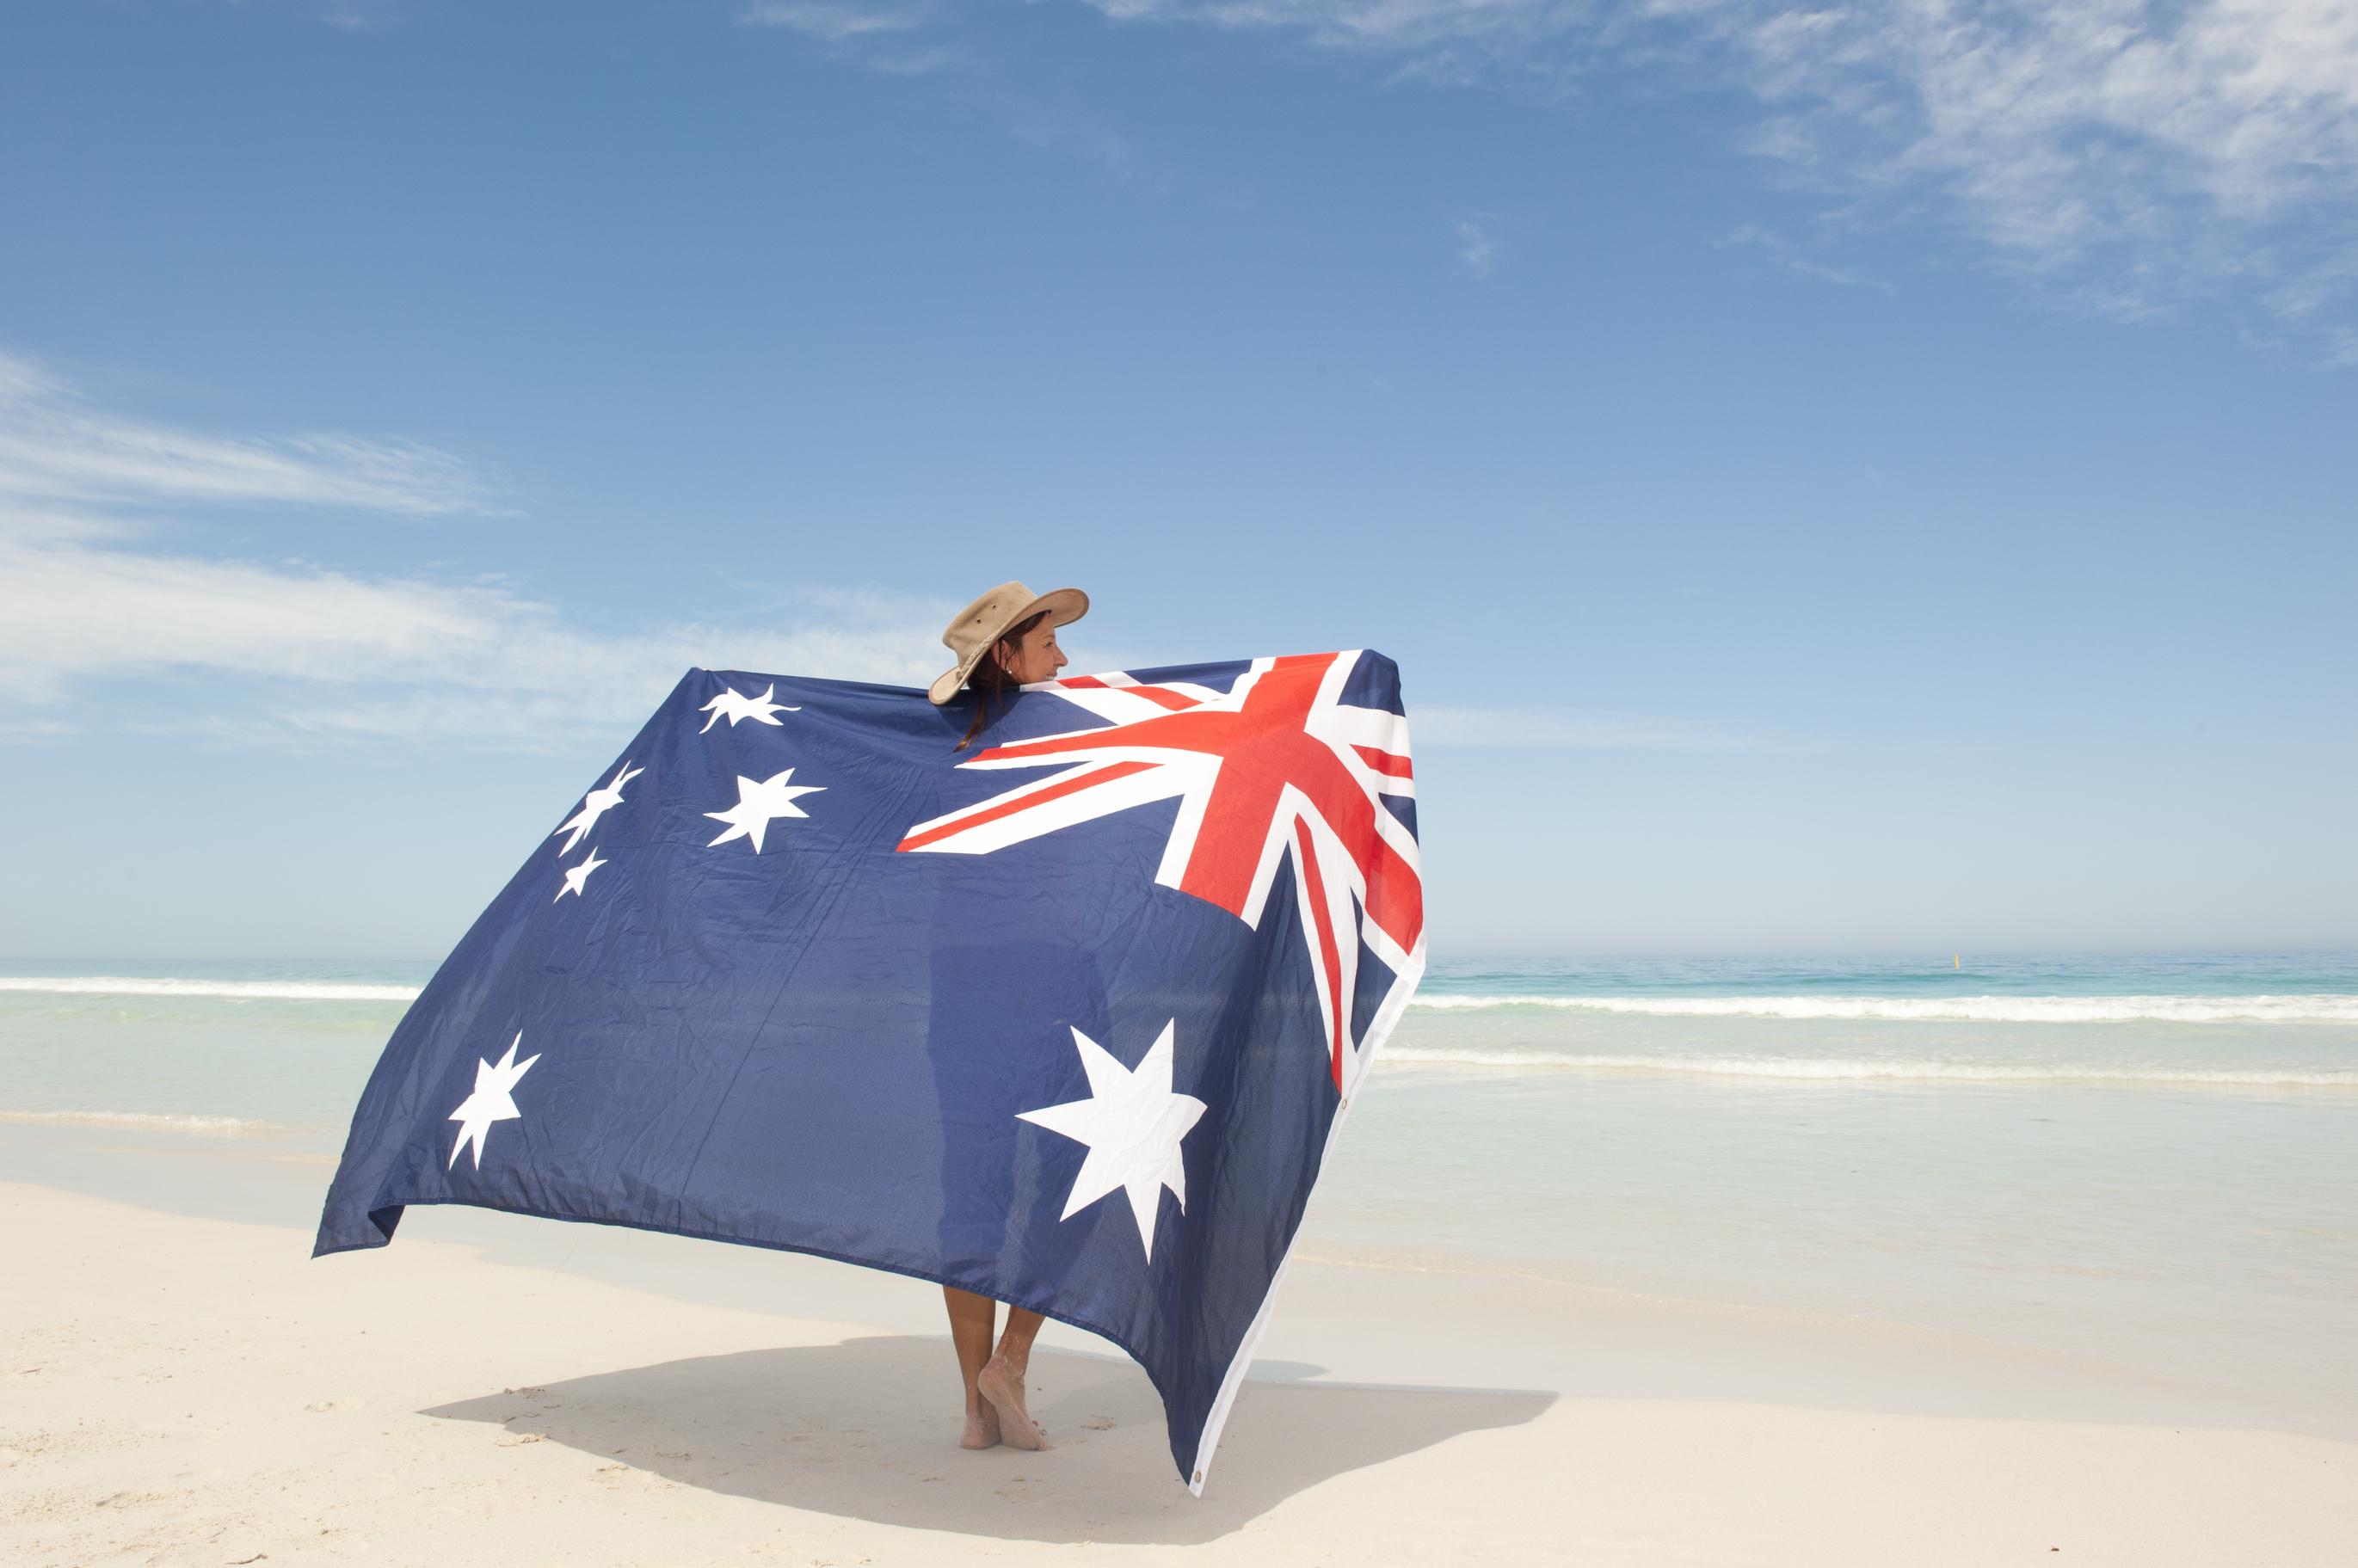 Woman holding the Australian flag on the beach.